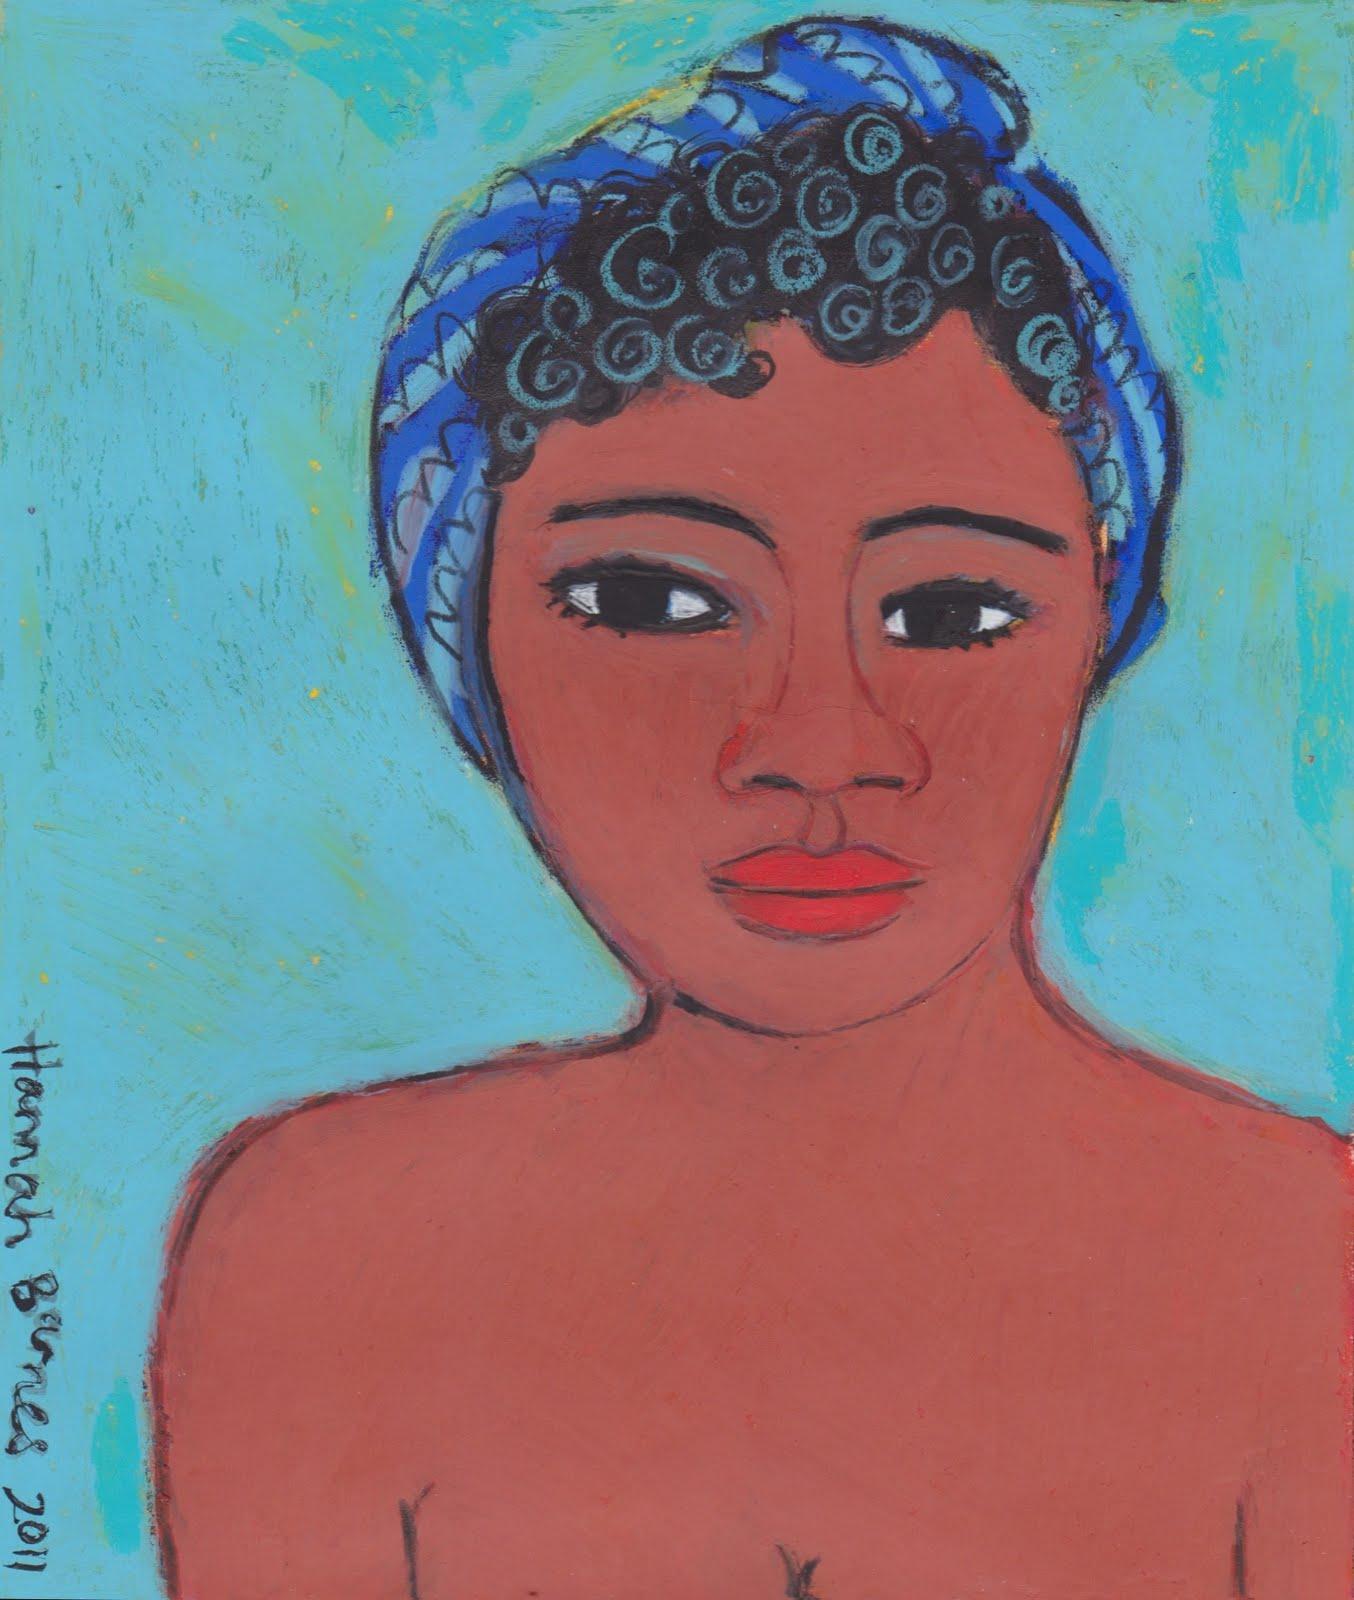 http://2.bp.blogspot.com/-fyTofFOEavk/Tk-IBbkIerI/AAAAAAAAC88/NrY37sgjwl4/s1600/la+femme+de+la+martinique+2.jpg